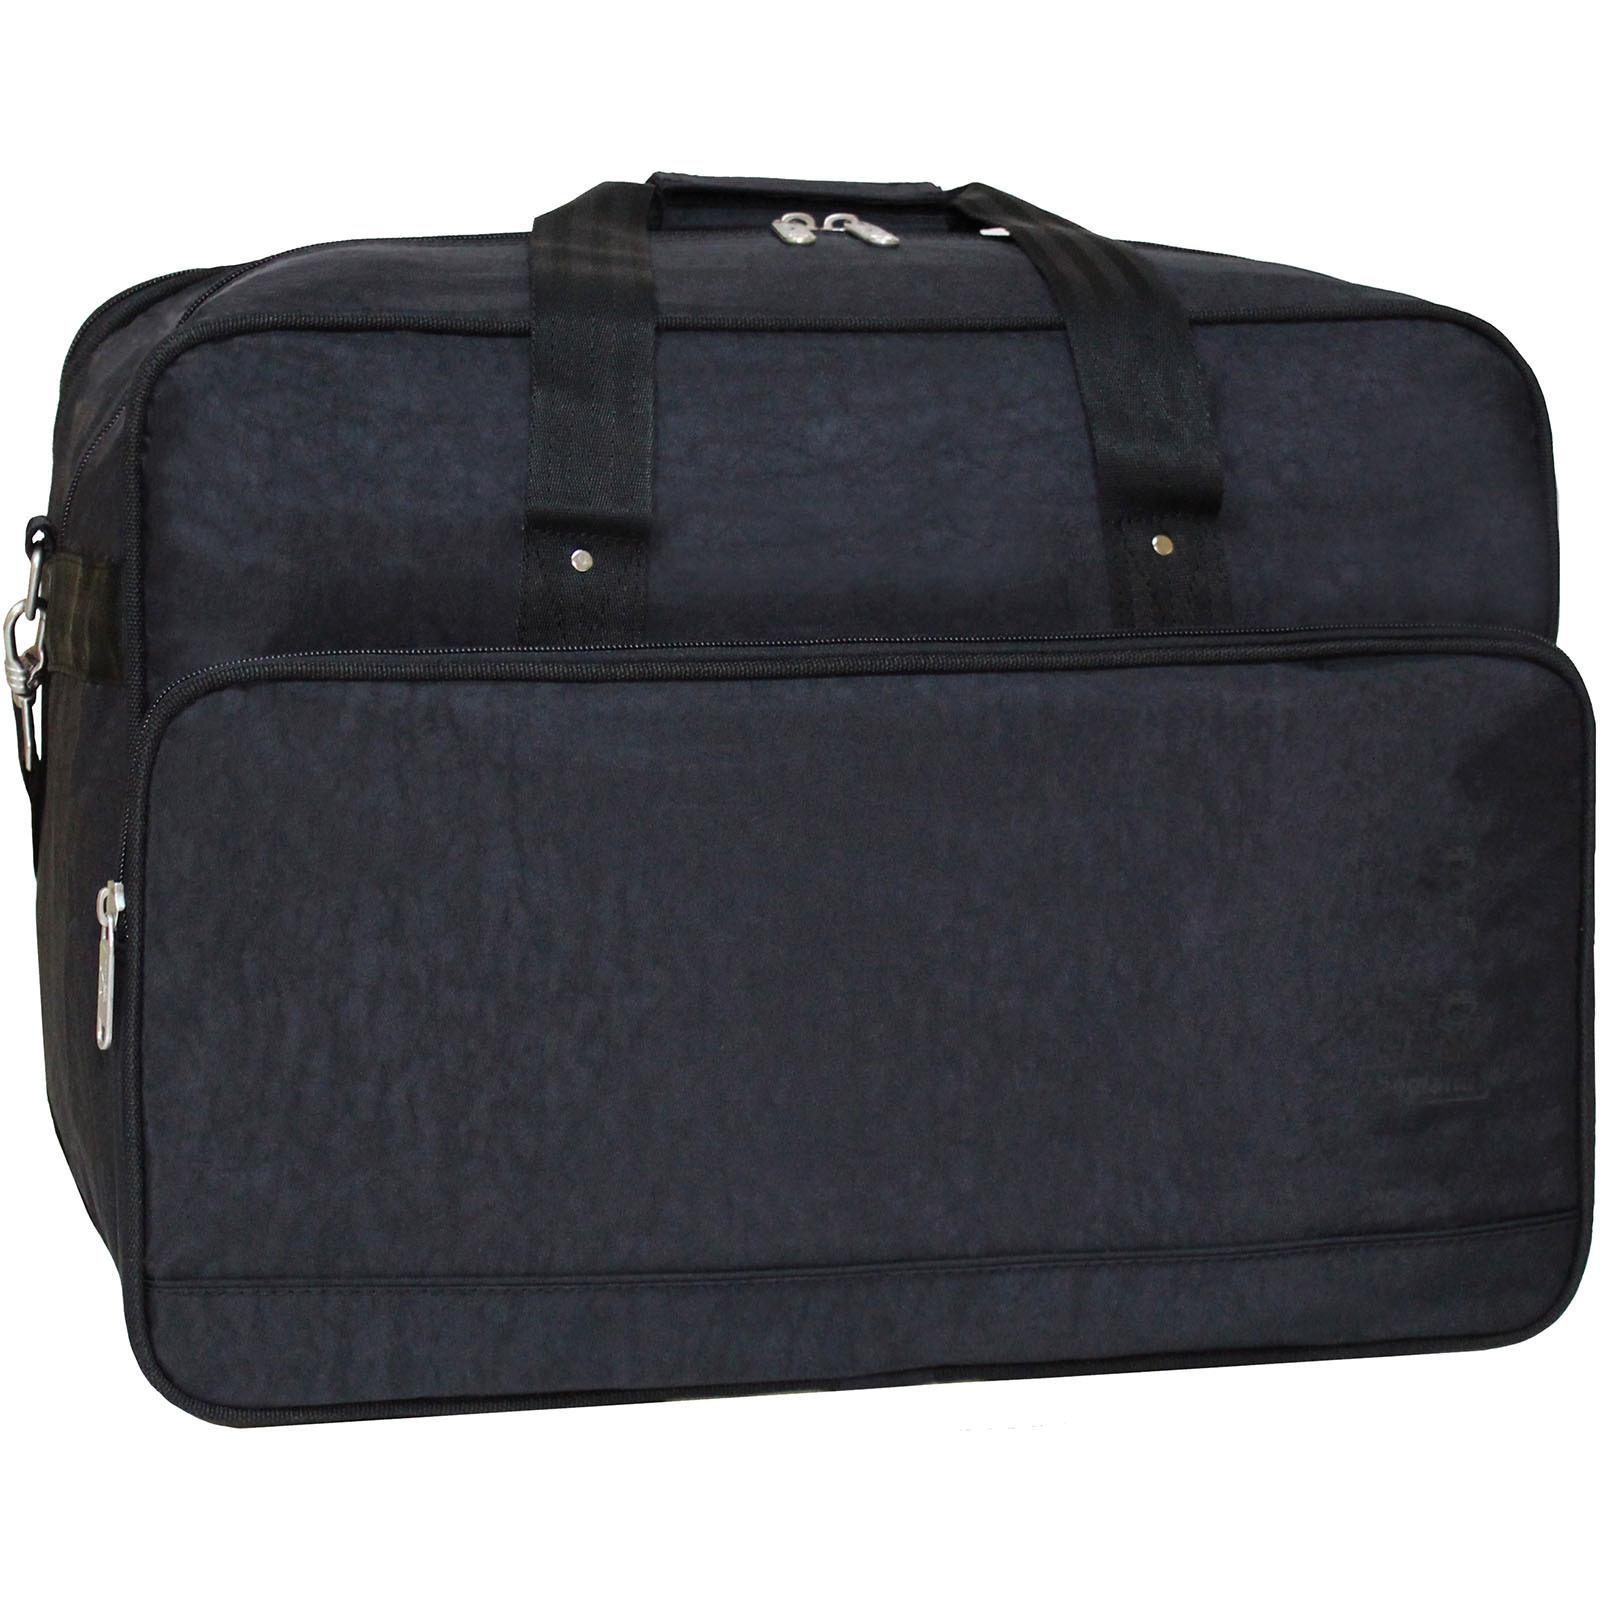 Дорожные сумки Дорожная сумка Bagland Рига 36 л. черный (0030370) IMG_3224.JPG